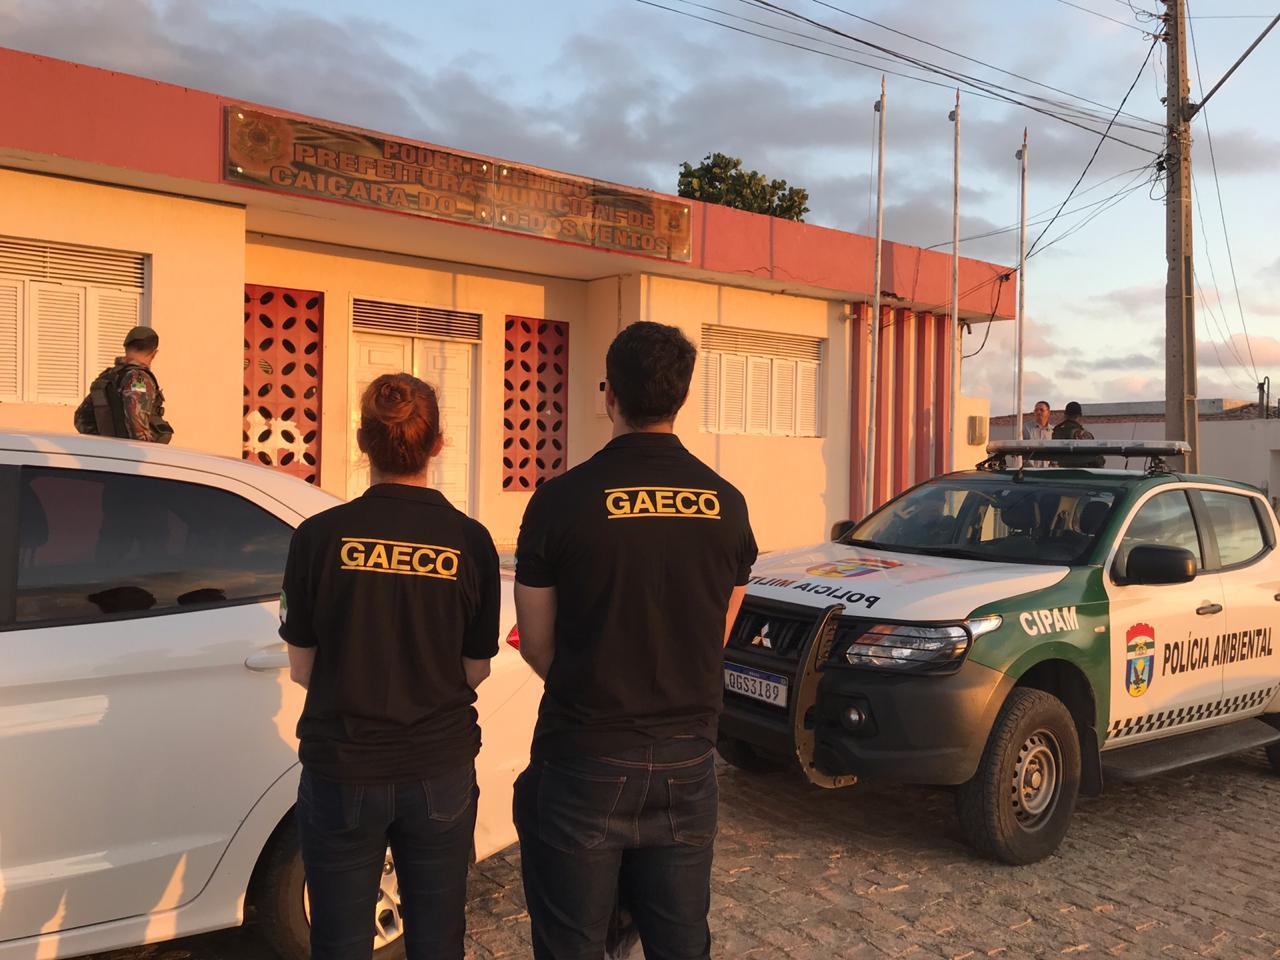 MP cumpre mandados em 5 cidades e investiga fraude de R$ 1,5 milhão no RN